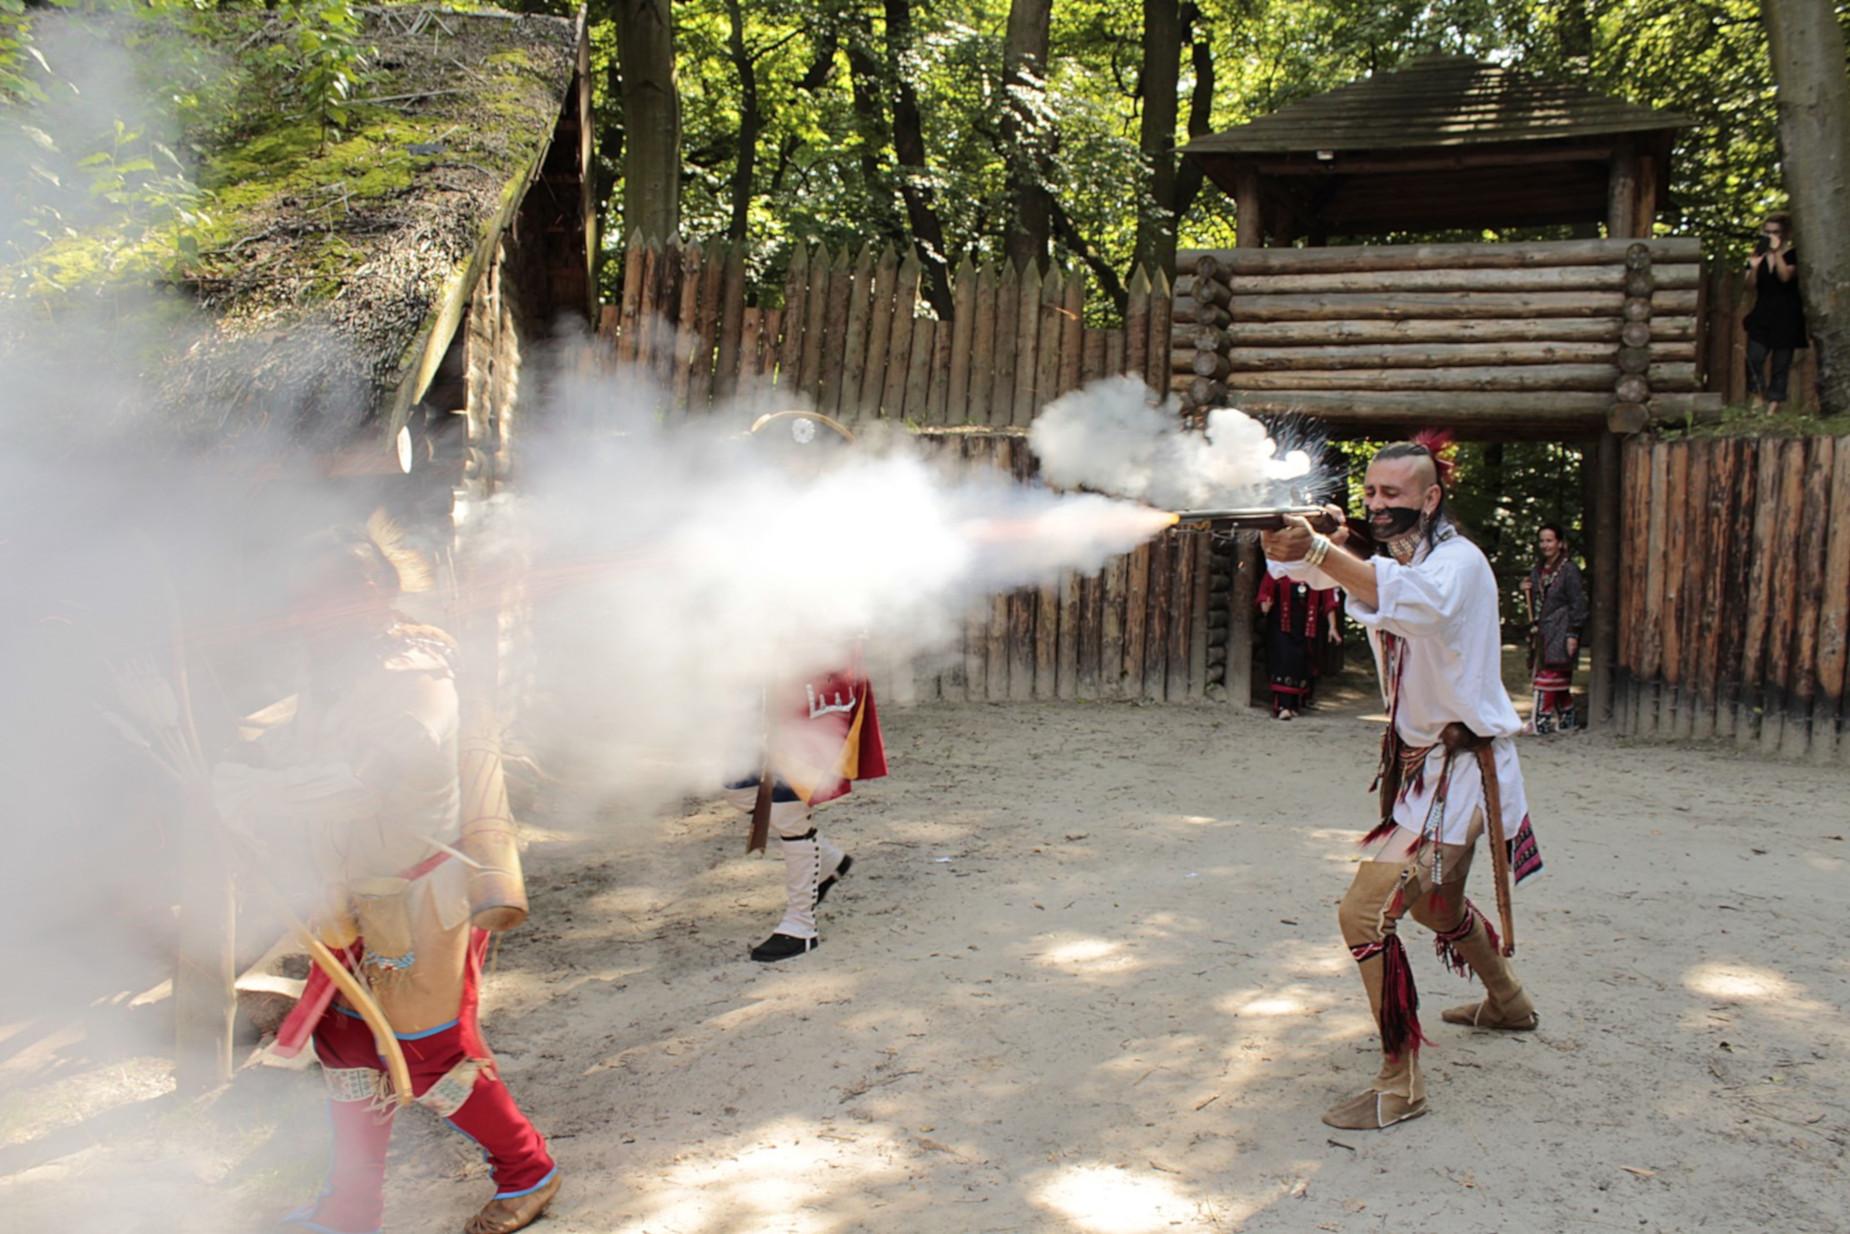 Ostatni Mohikanin i zaraza w Bree. Dwa dni historycznych atrakcji na sopockim grodzisku